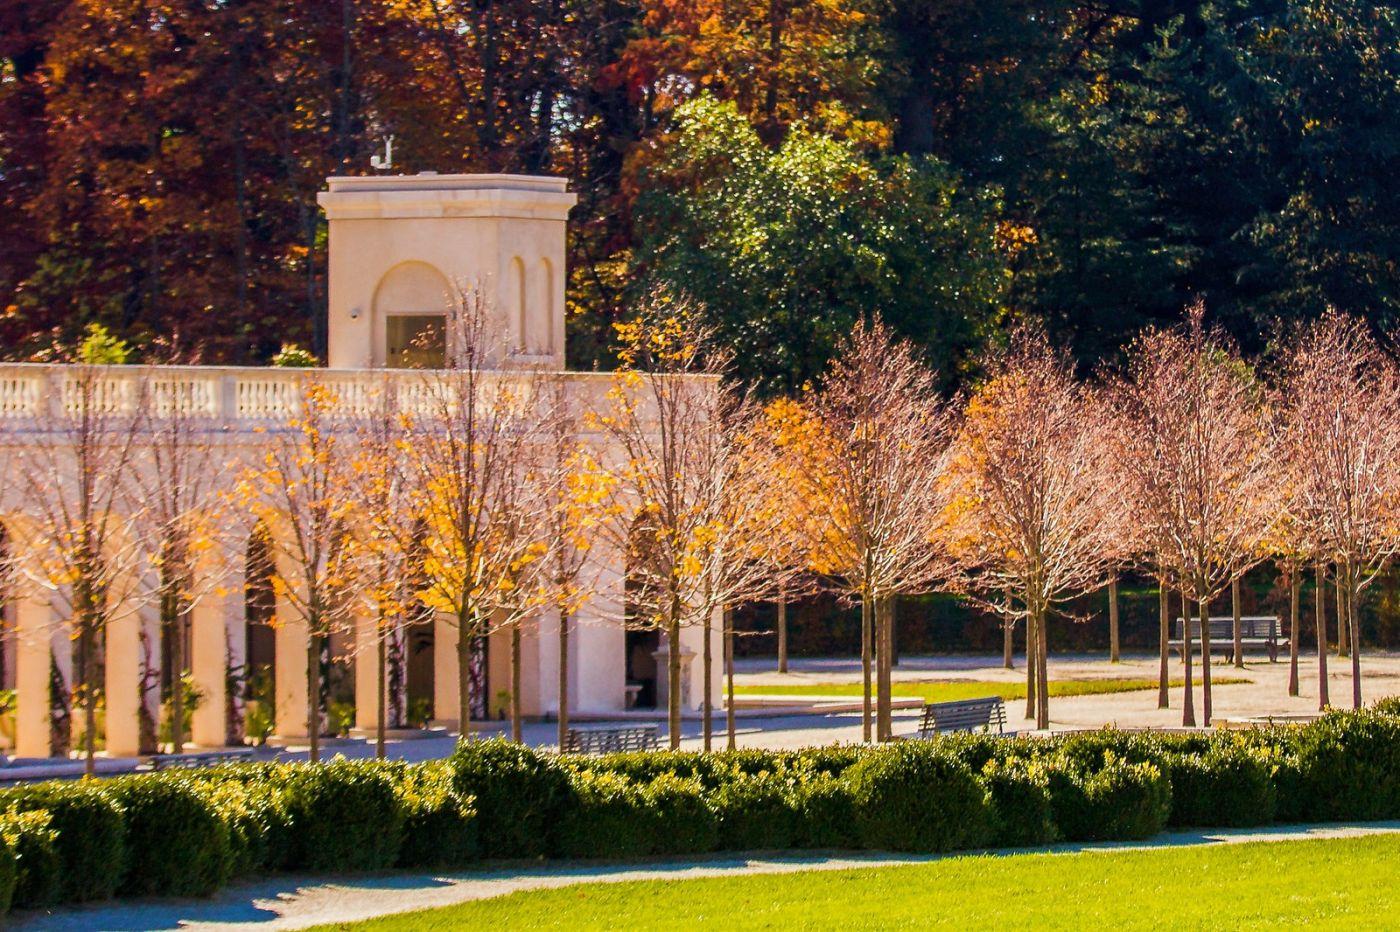 宾州长木公园,熟悉的景色_图1-3